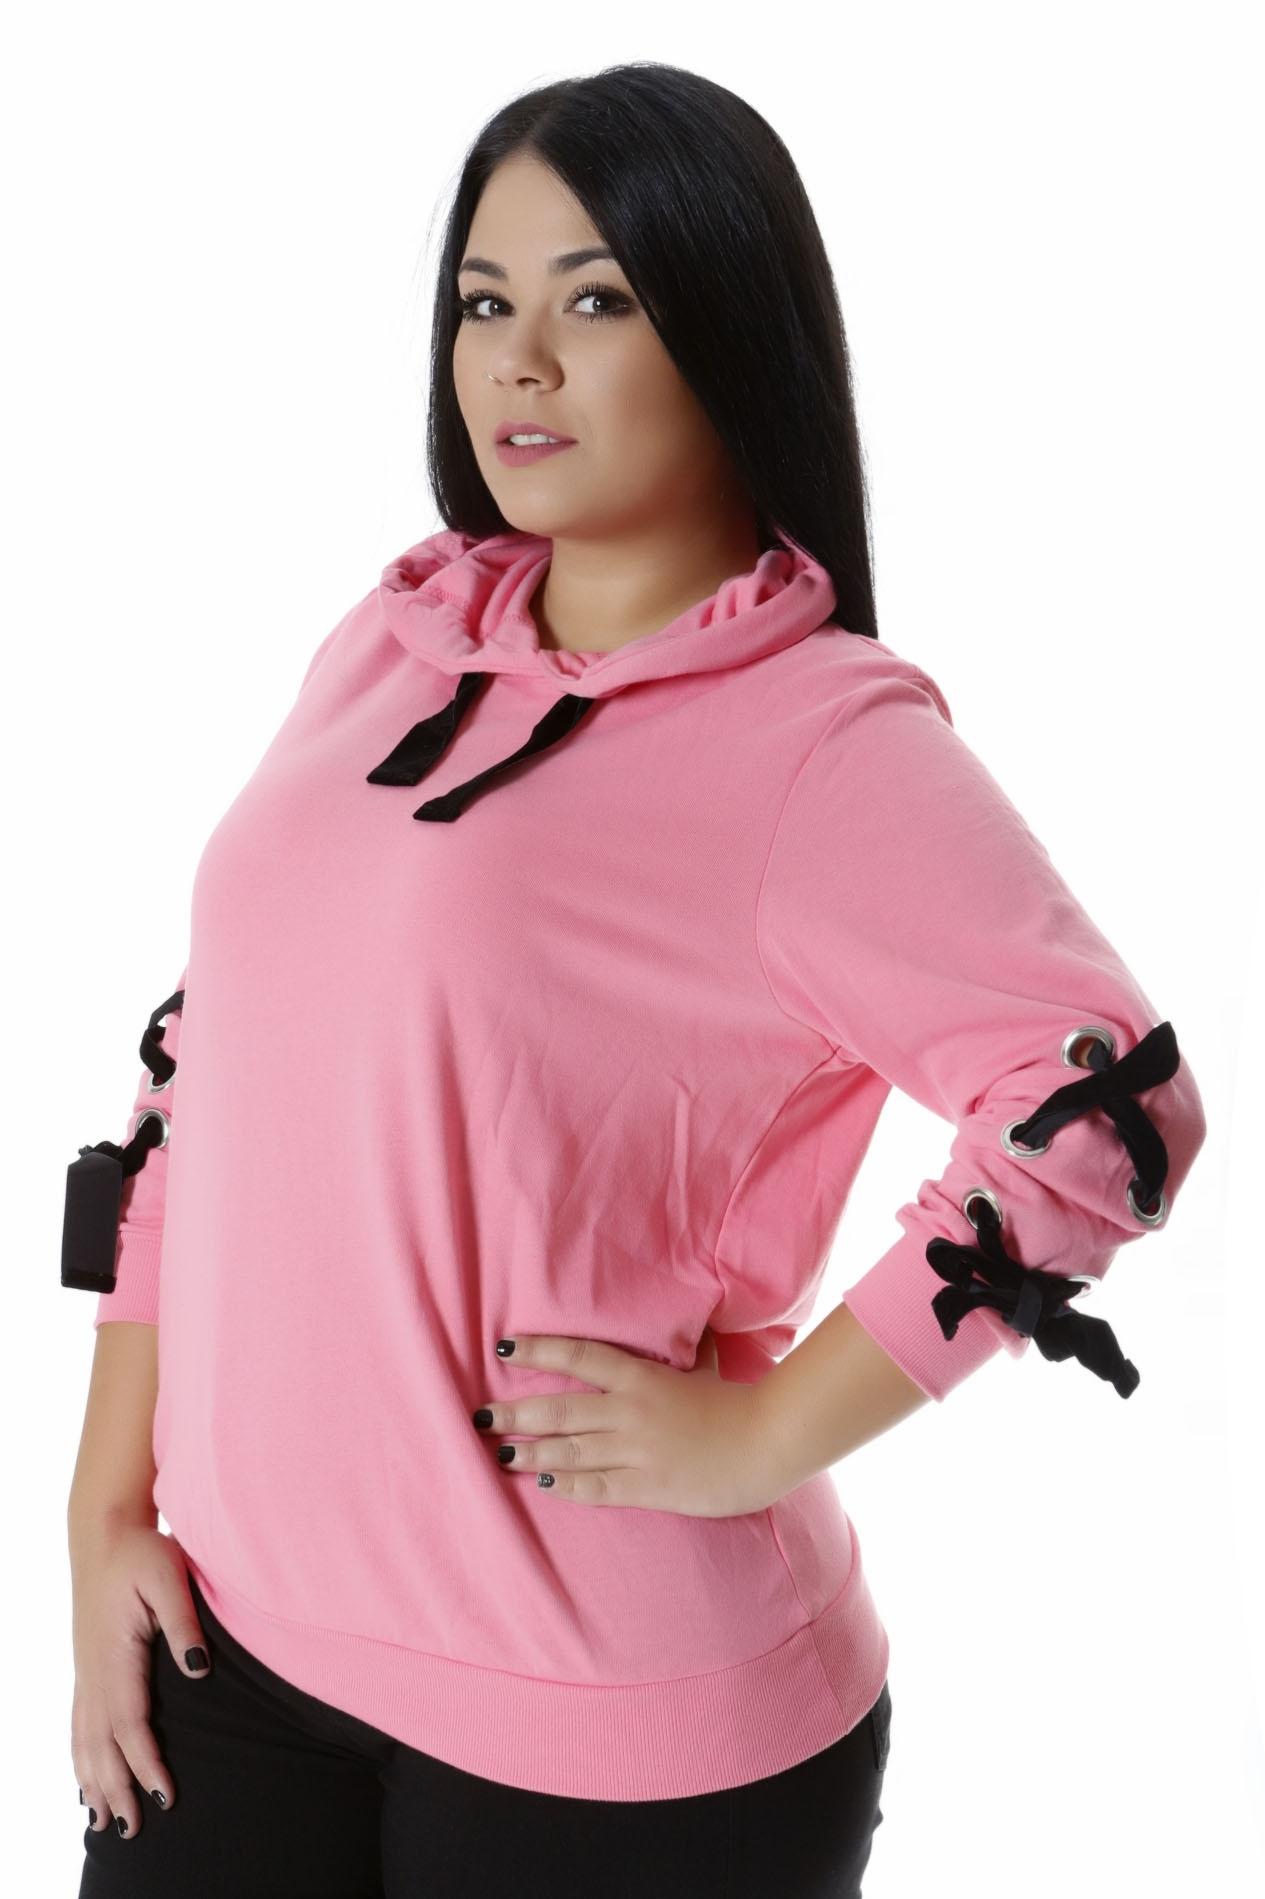 Μπλούζα φούτερ ροζ νέες αφίξεις   ενδύματα   μπλούζες   zizzi   brands